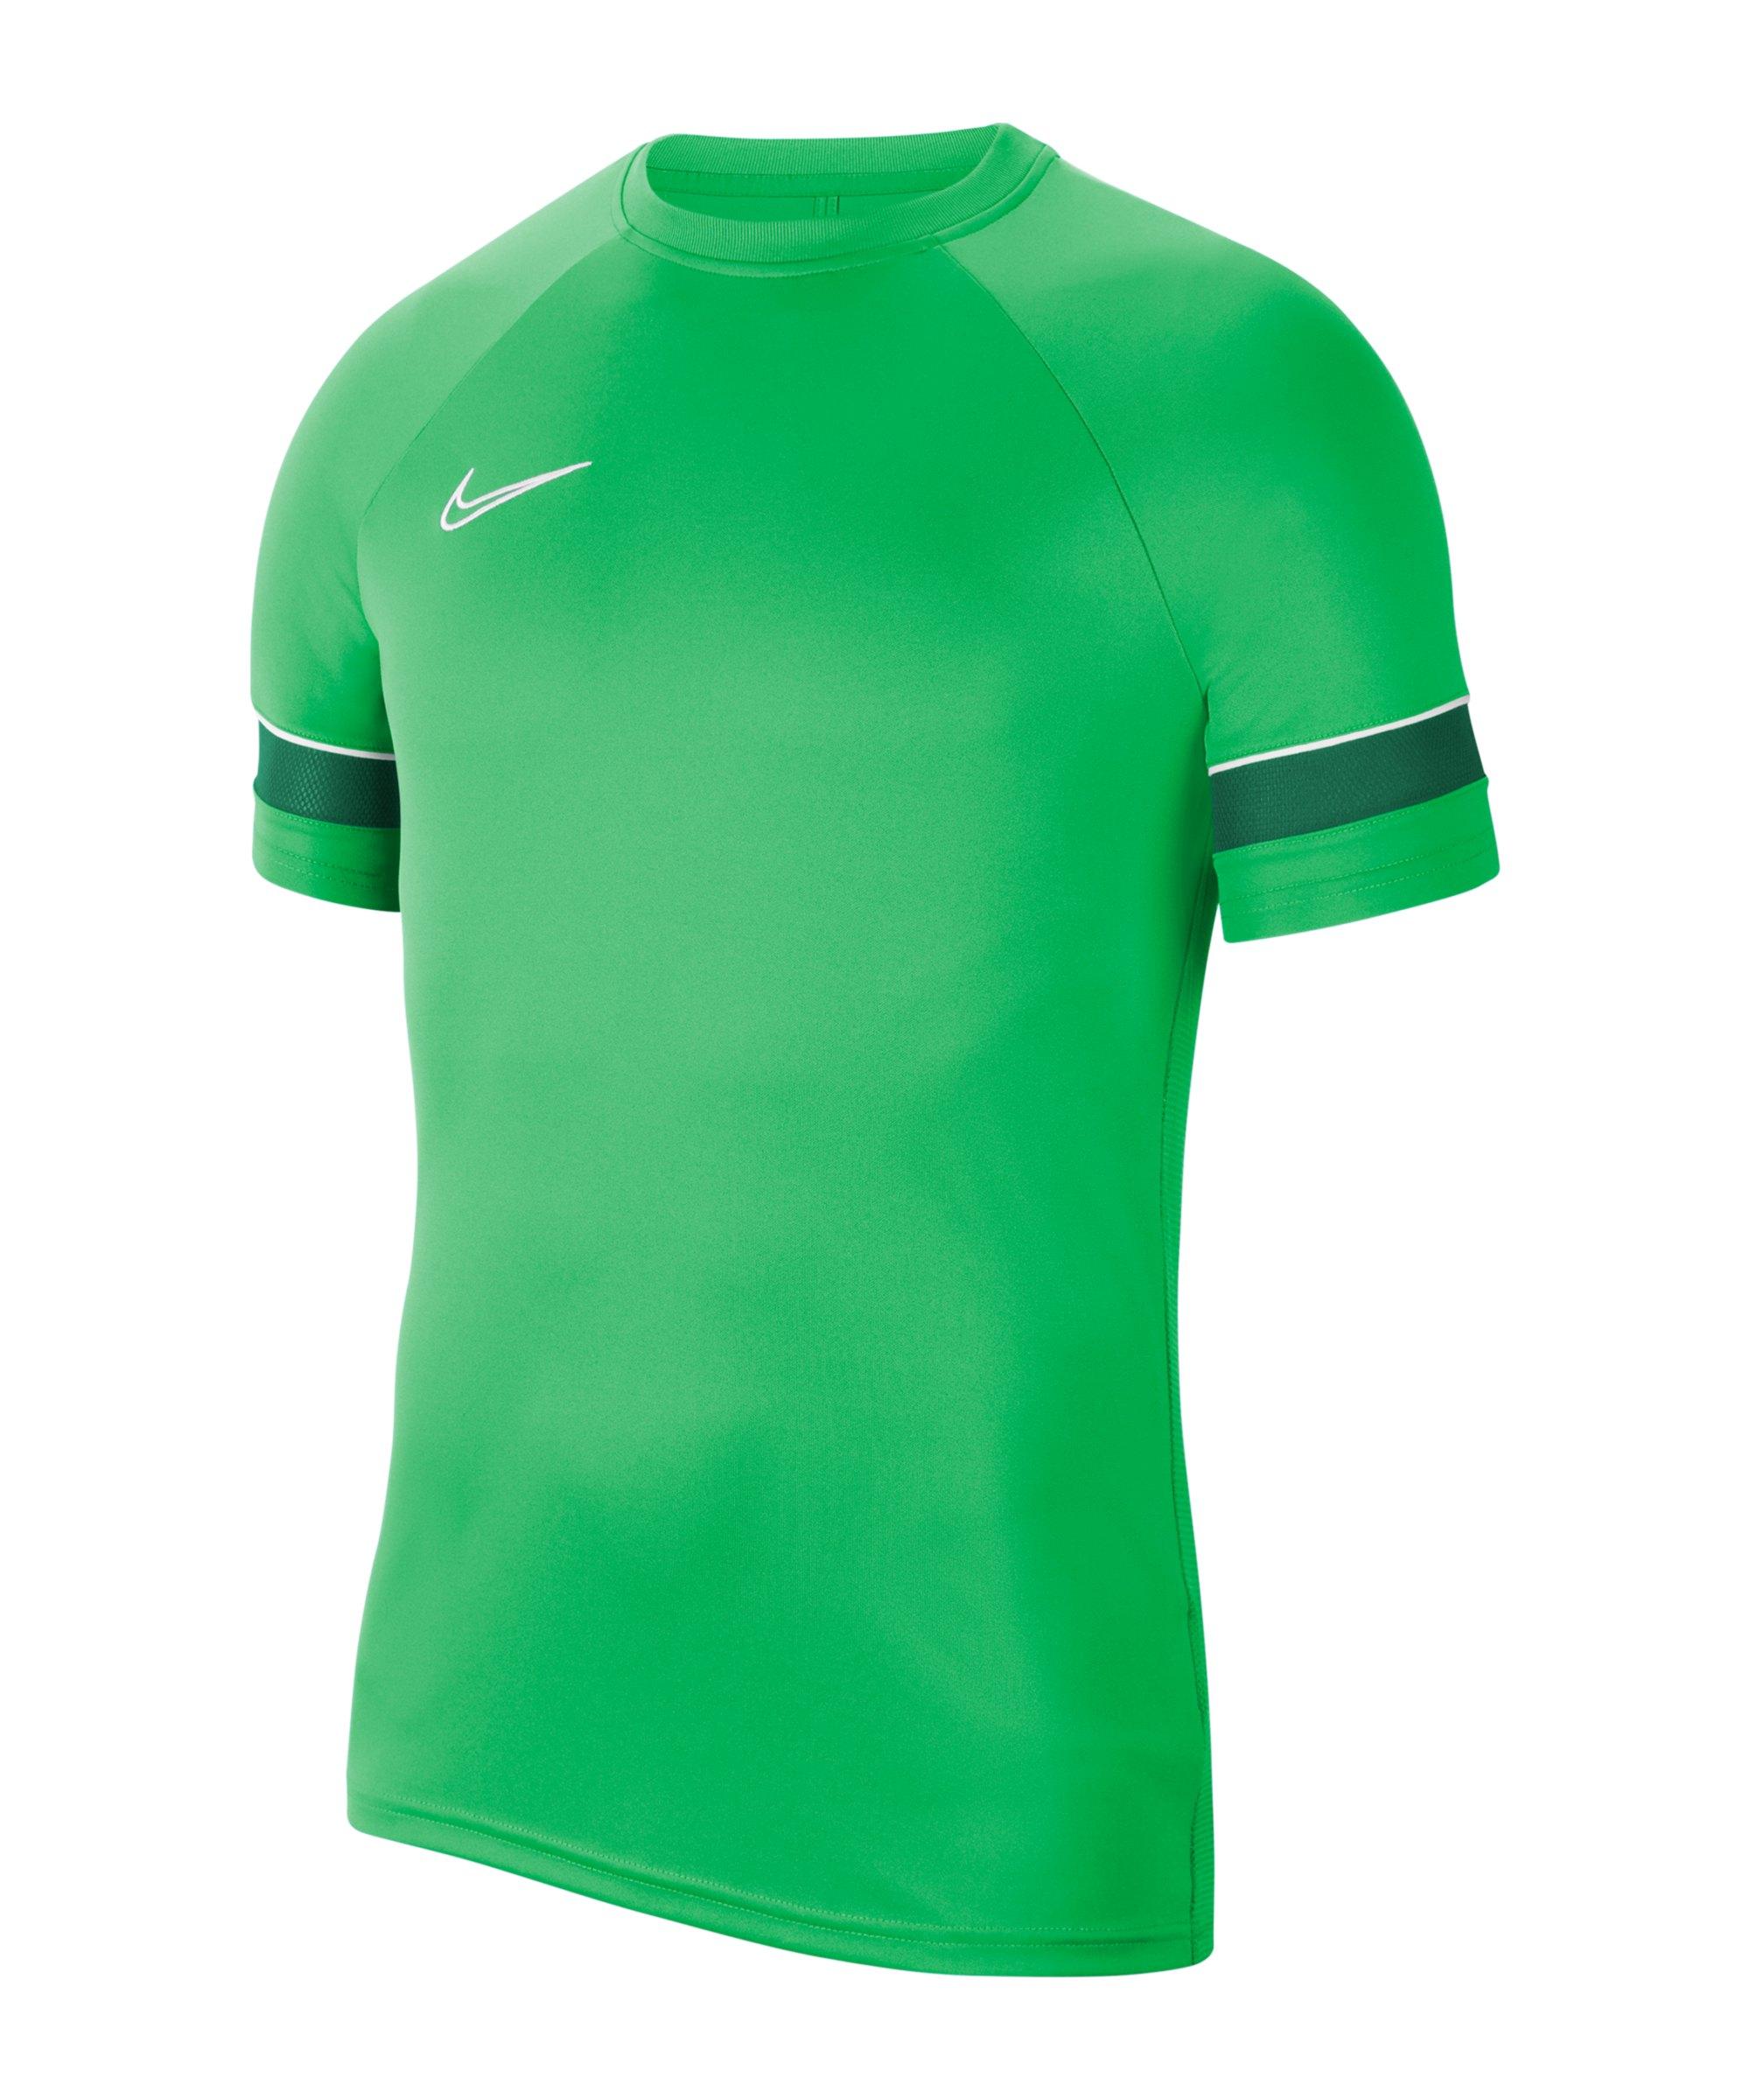 Nike Academy 21 T-Shirt Kids Grün Weiss F362 - gruen